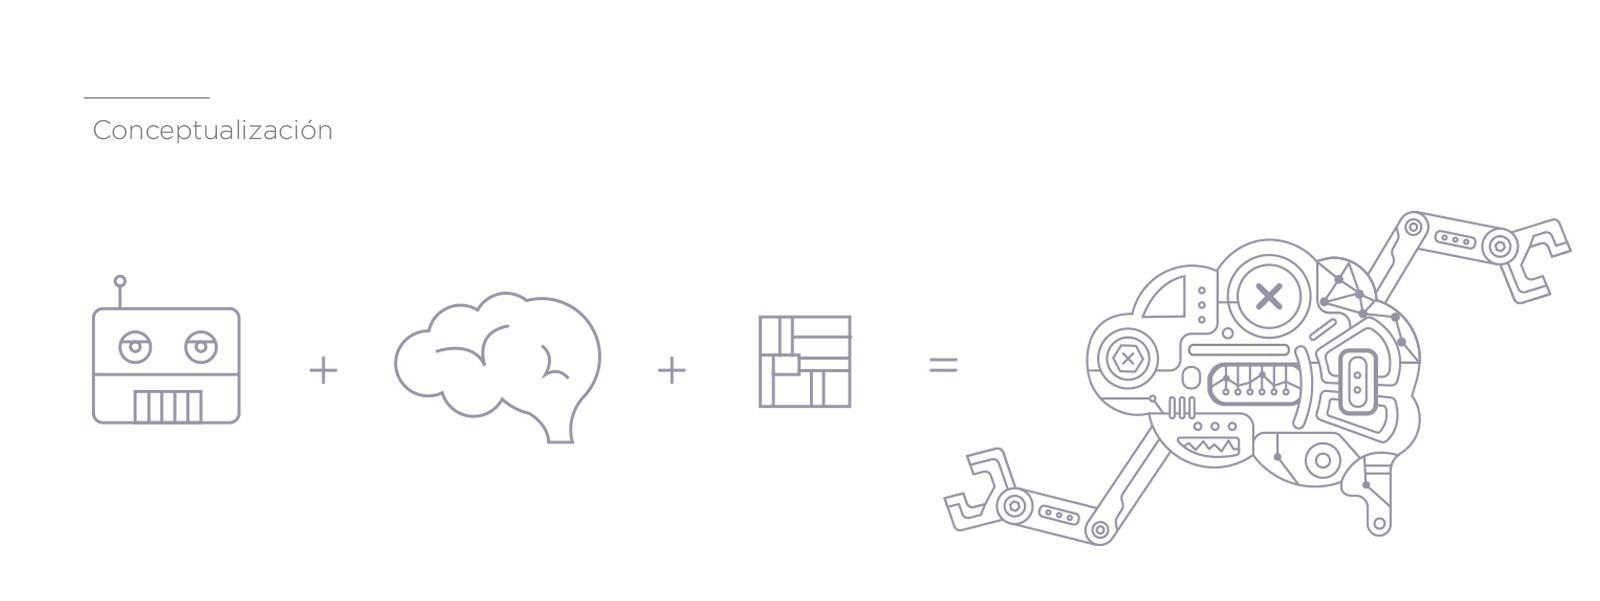 conceptualización, diseño, concepto